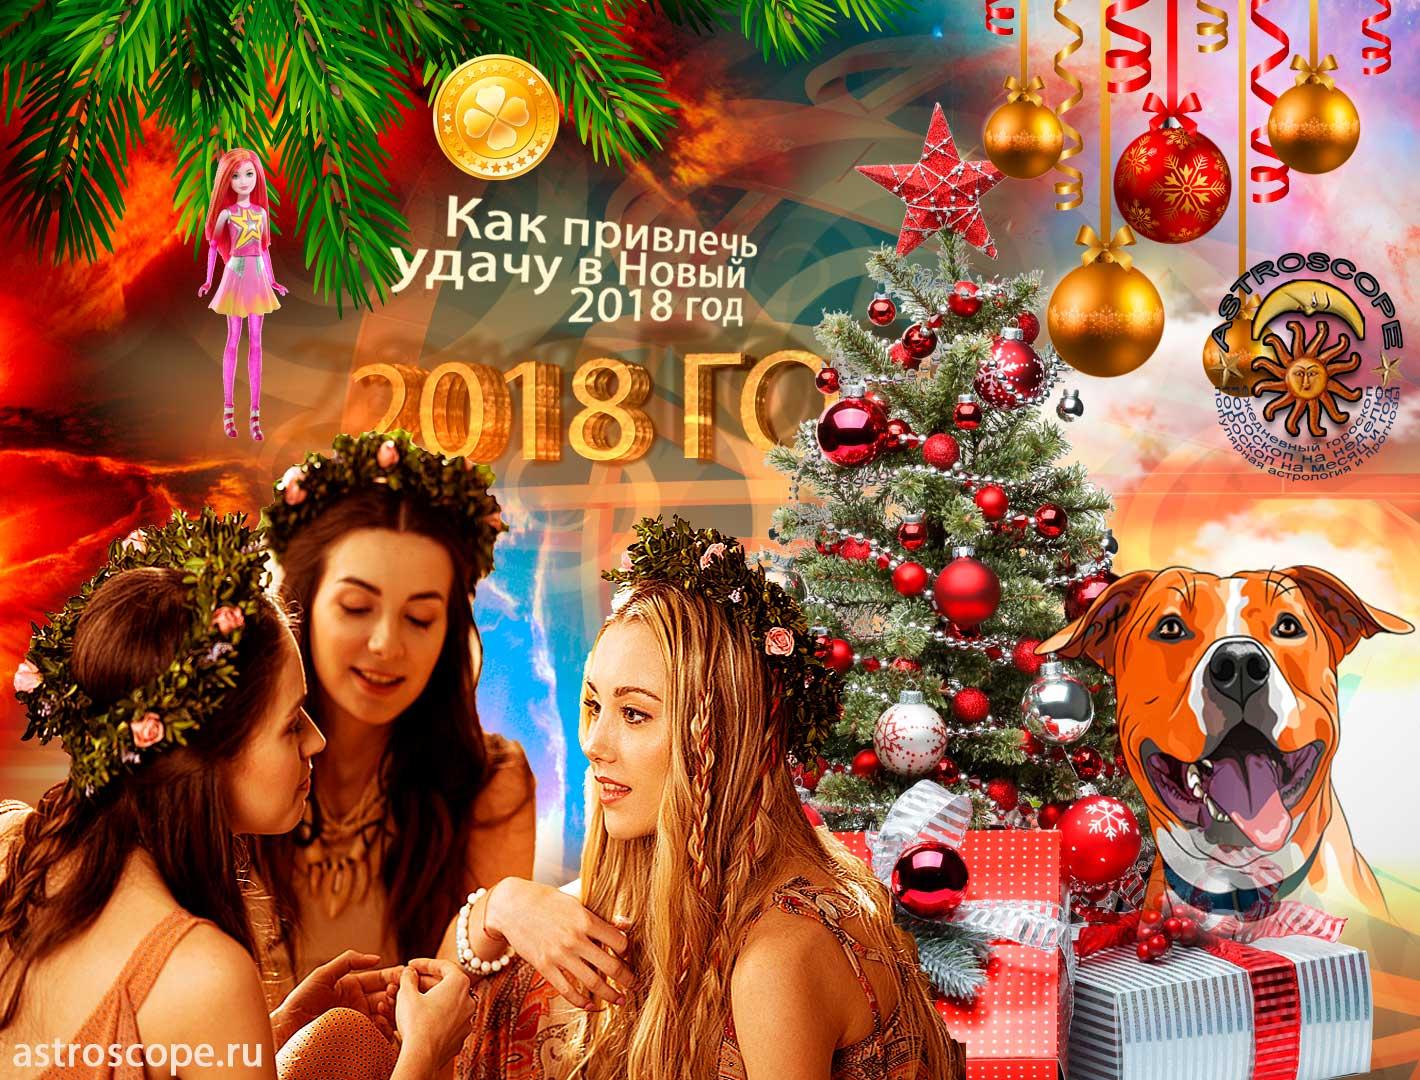 Как привлечь удачу и деньги в Новом году 2018